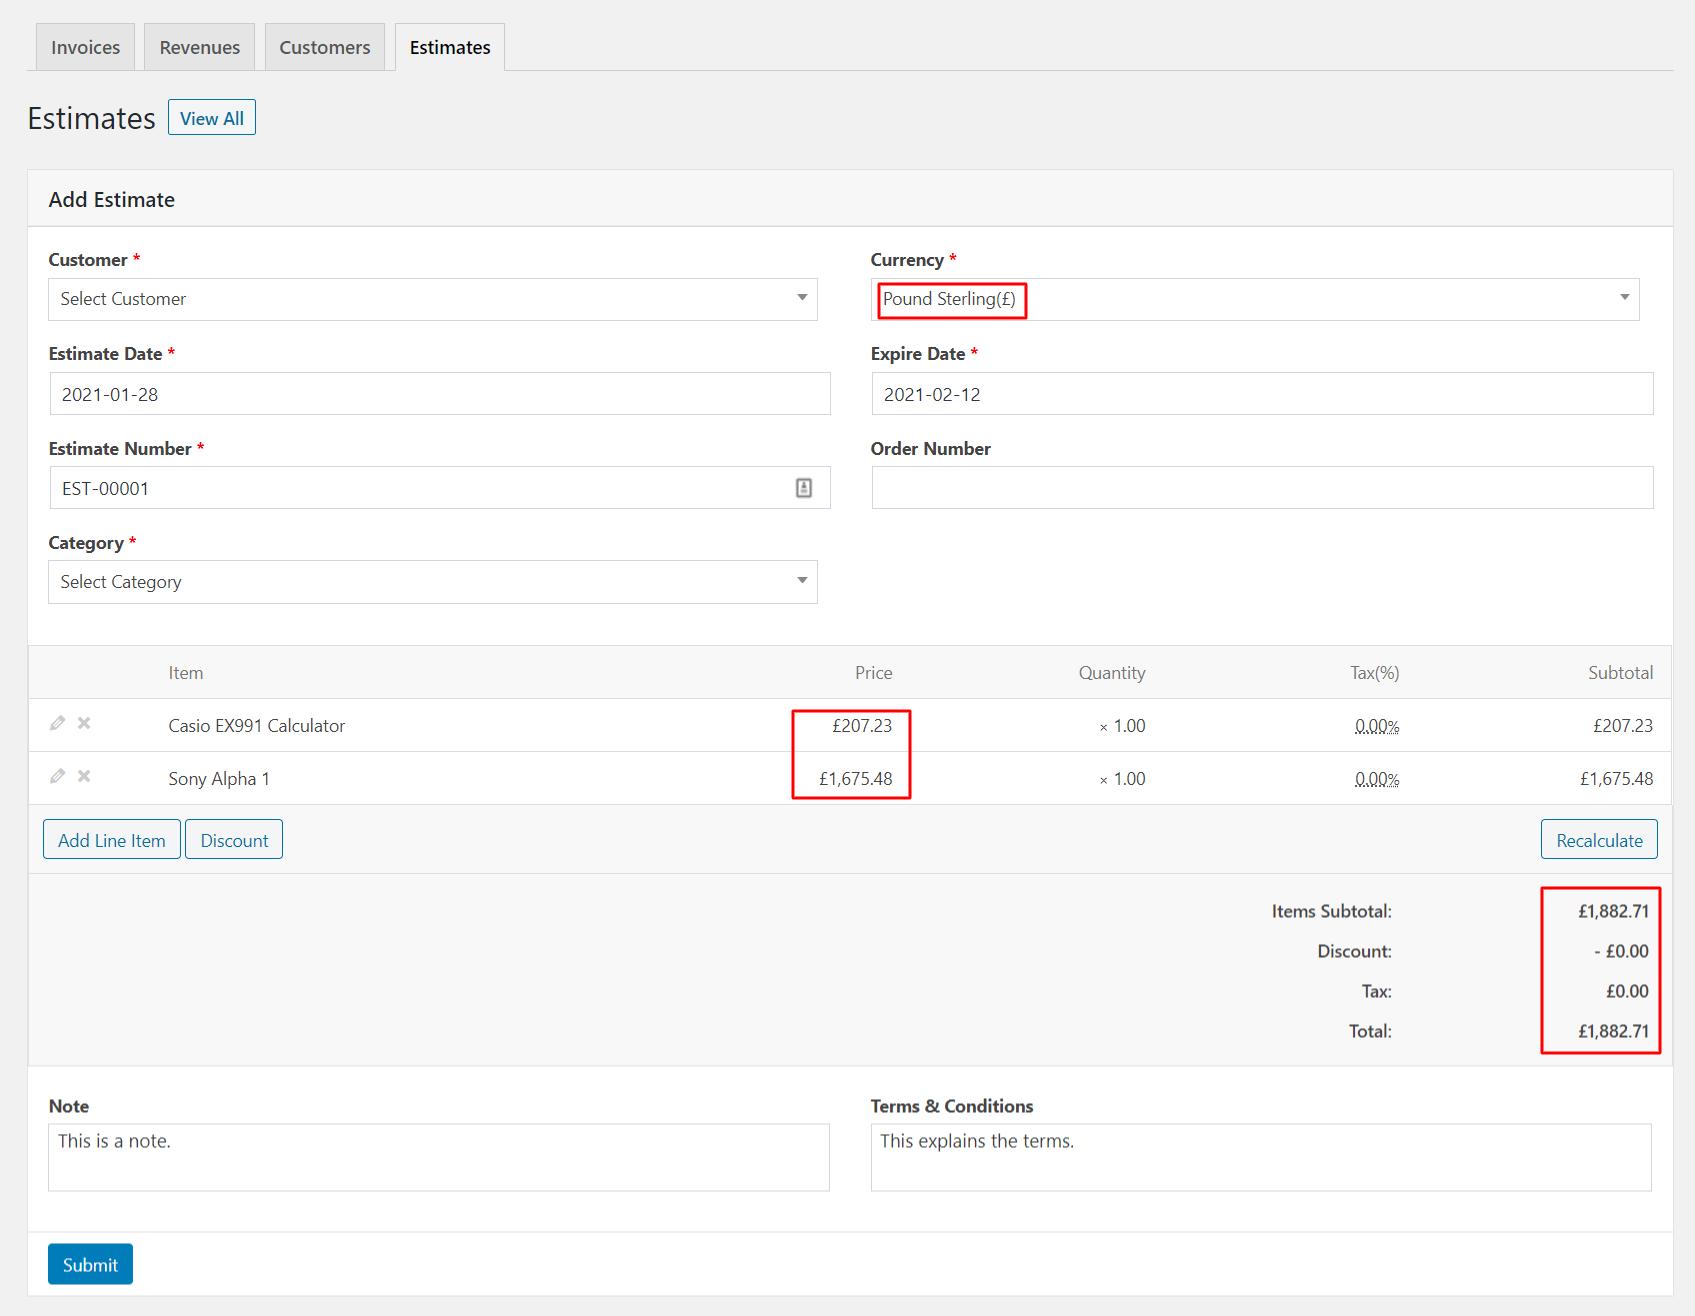 Price in Invoice